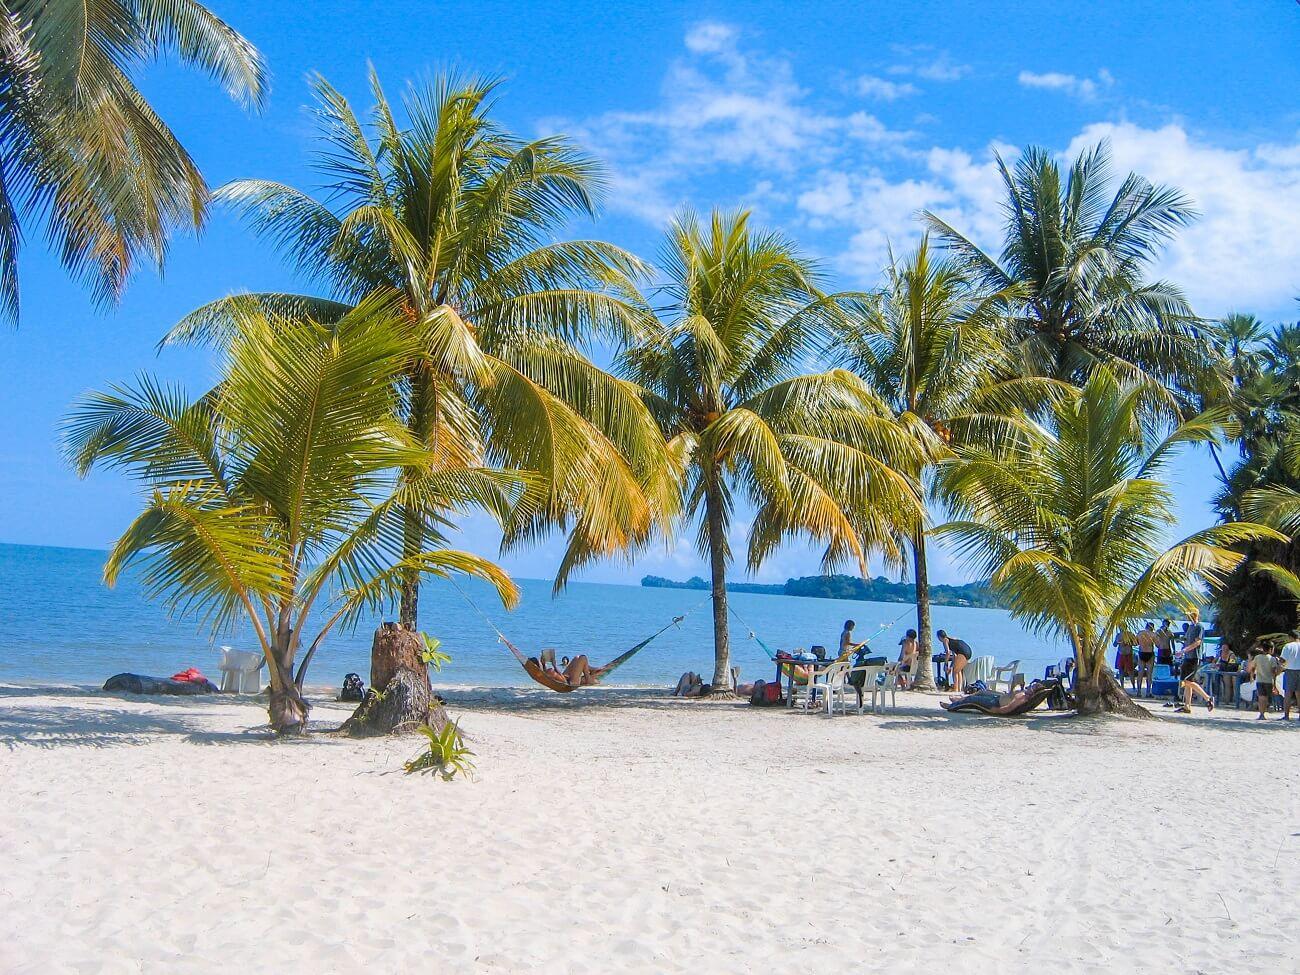 Yucatan Mexico, Yucatan for families, traveling to Yucatan